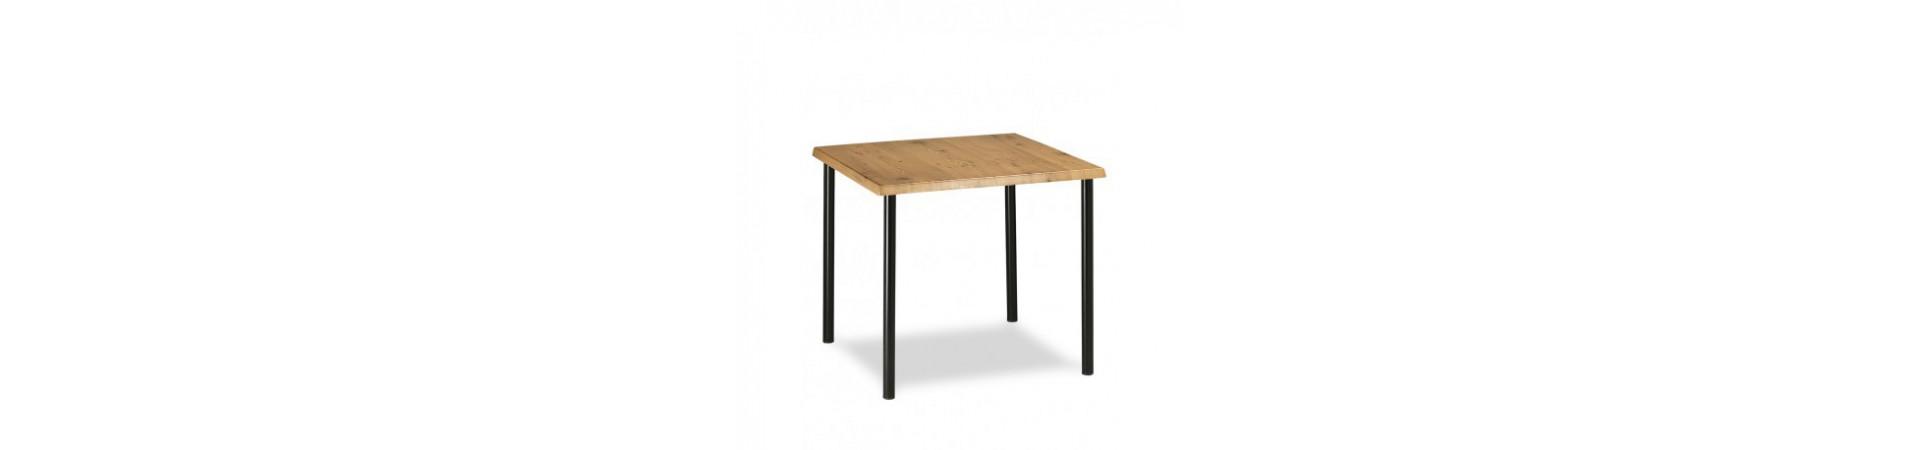 Mesas para interiores y también para exteriores online con garantía y envío rápido.